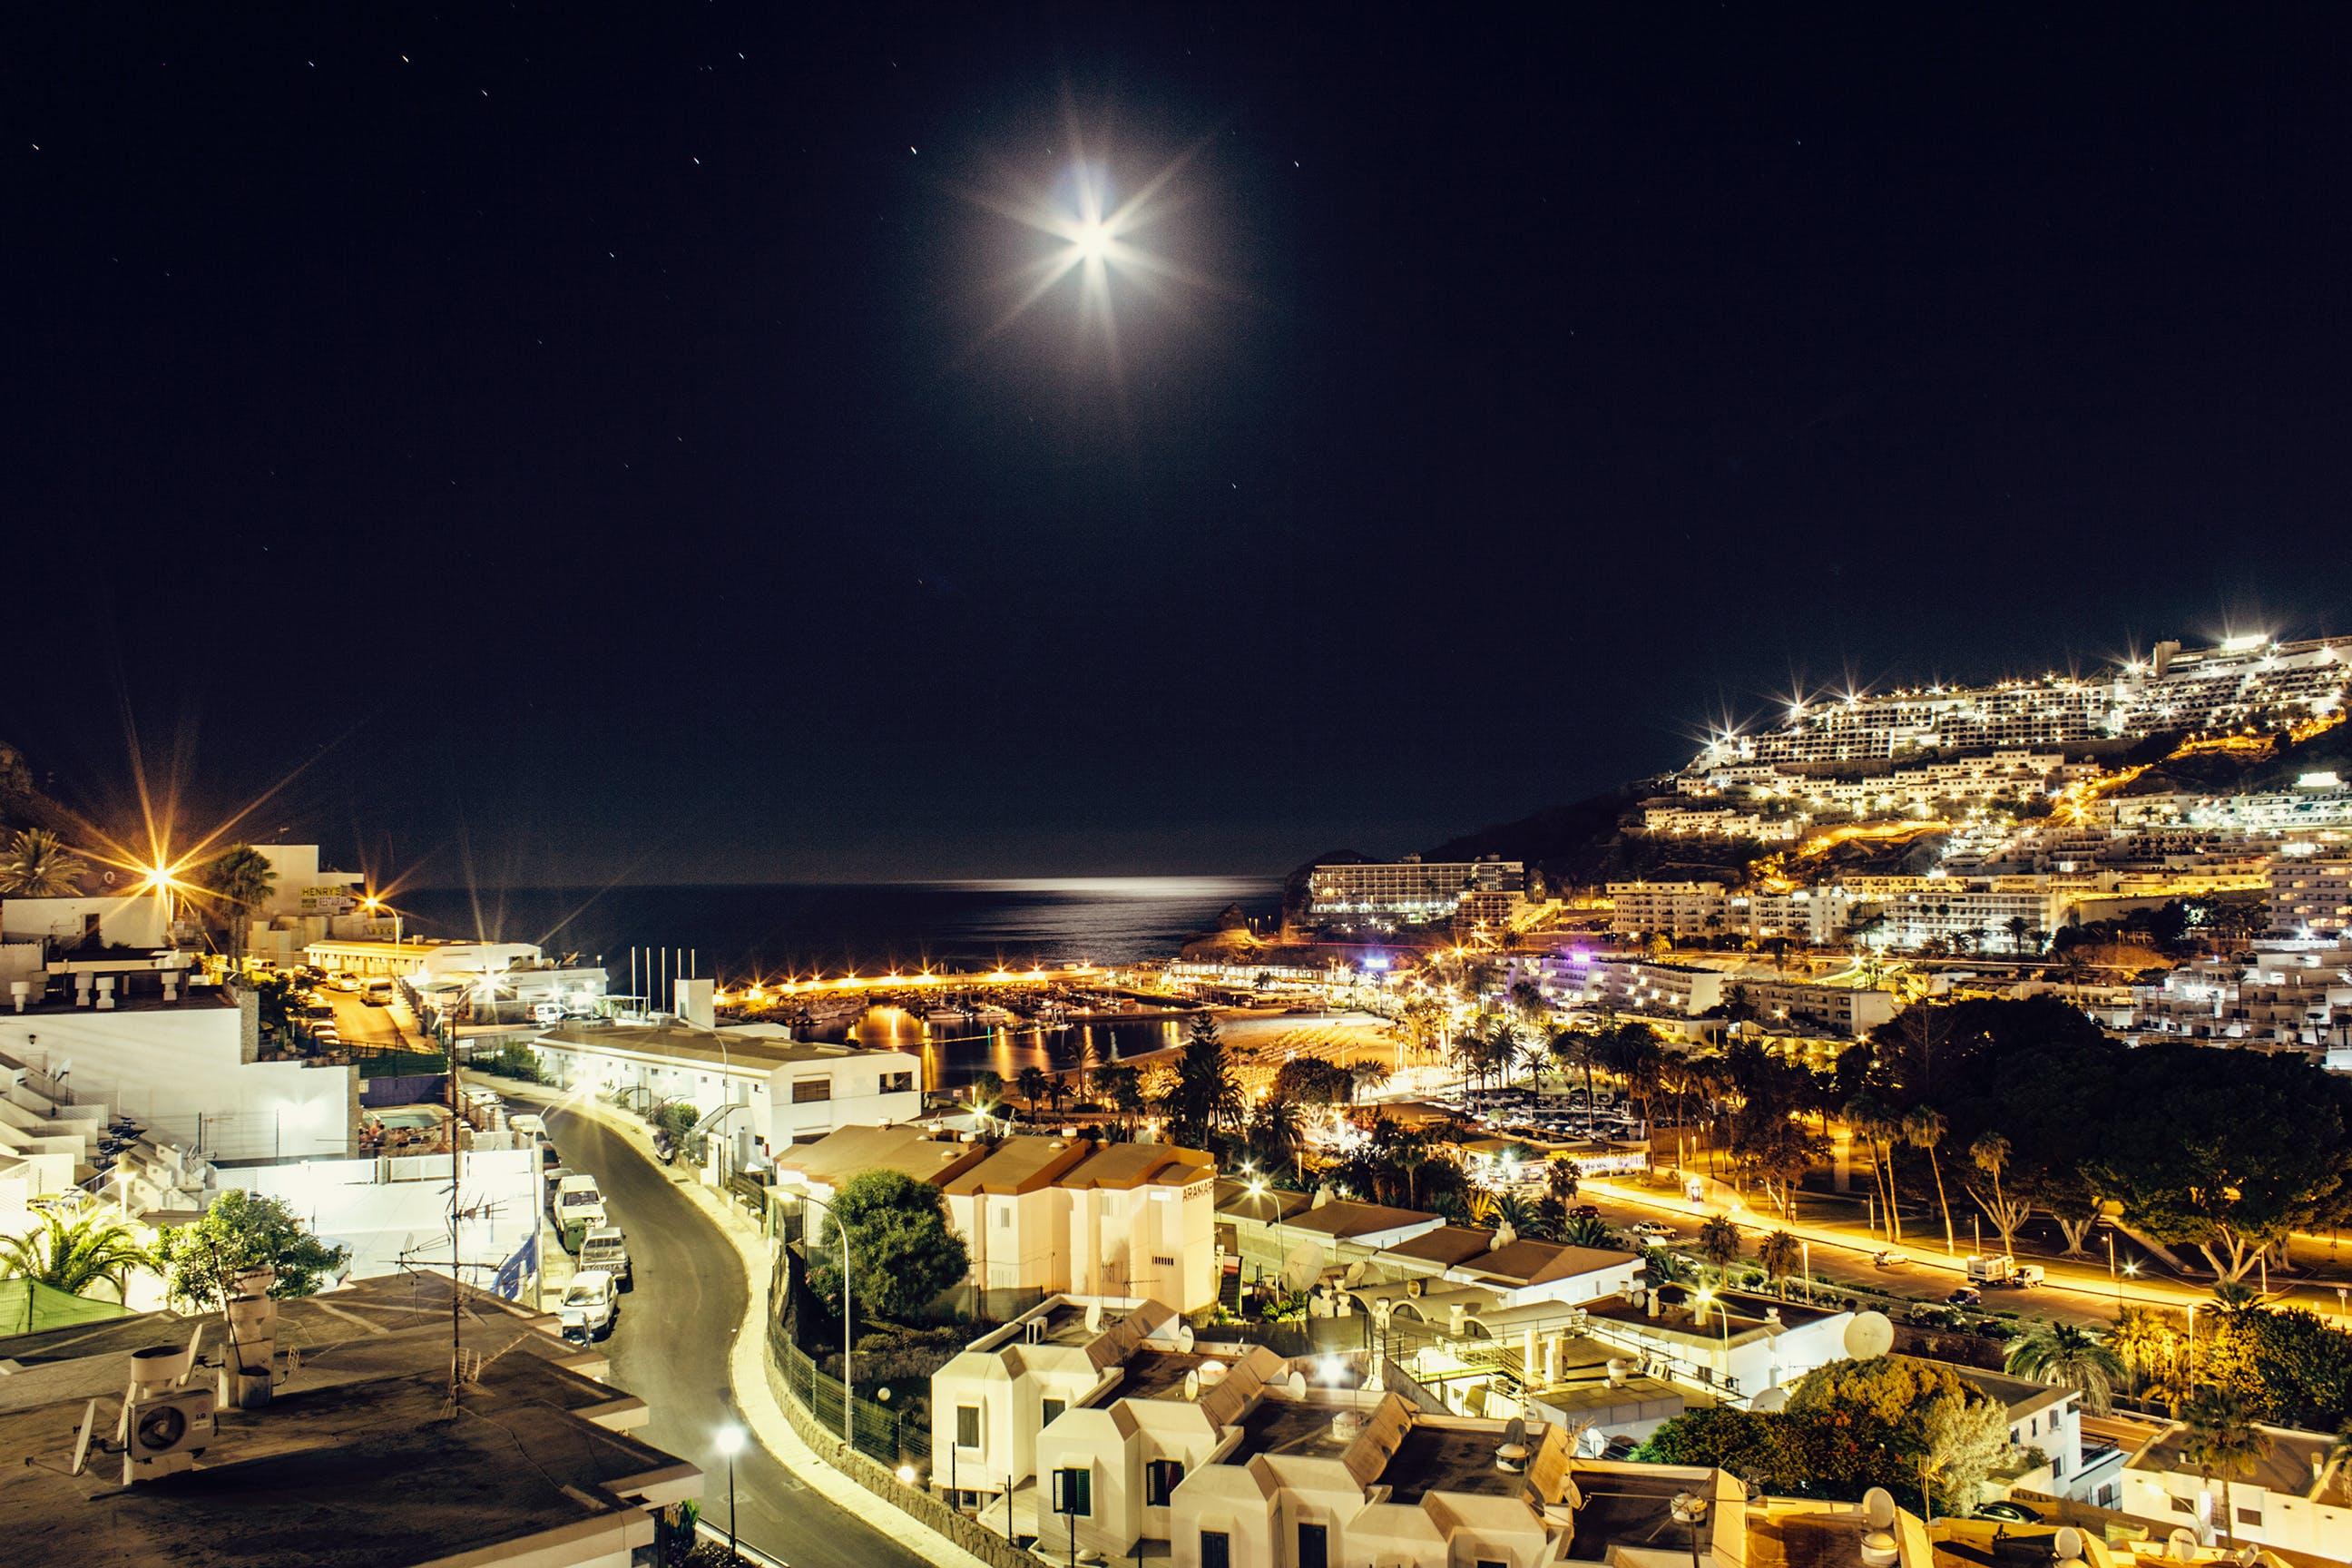 Ảnh lưu trữ miễn phí về ánh sáng, ánh trăng, ánh đèn thành phố, bầu trời đầy sao